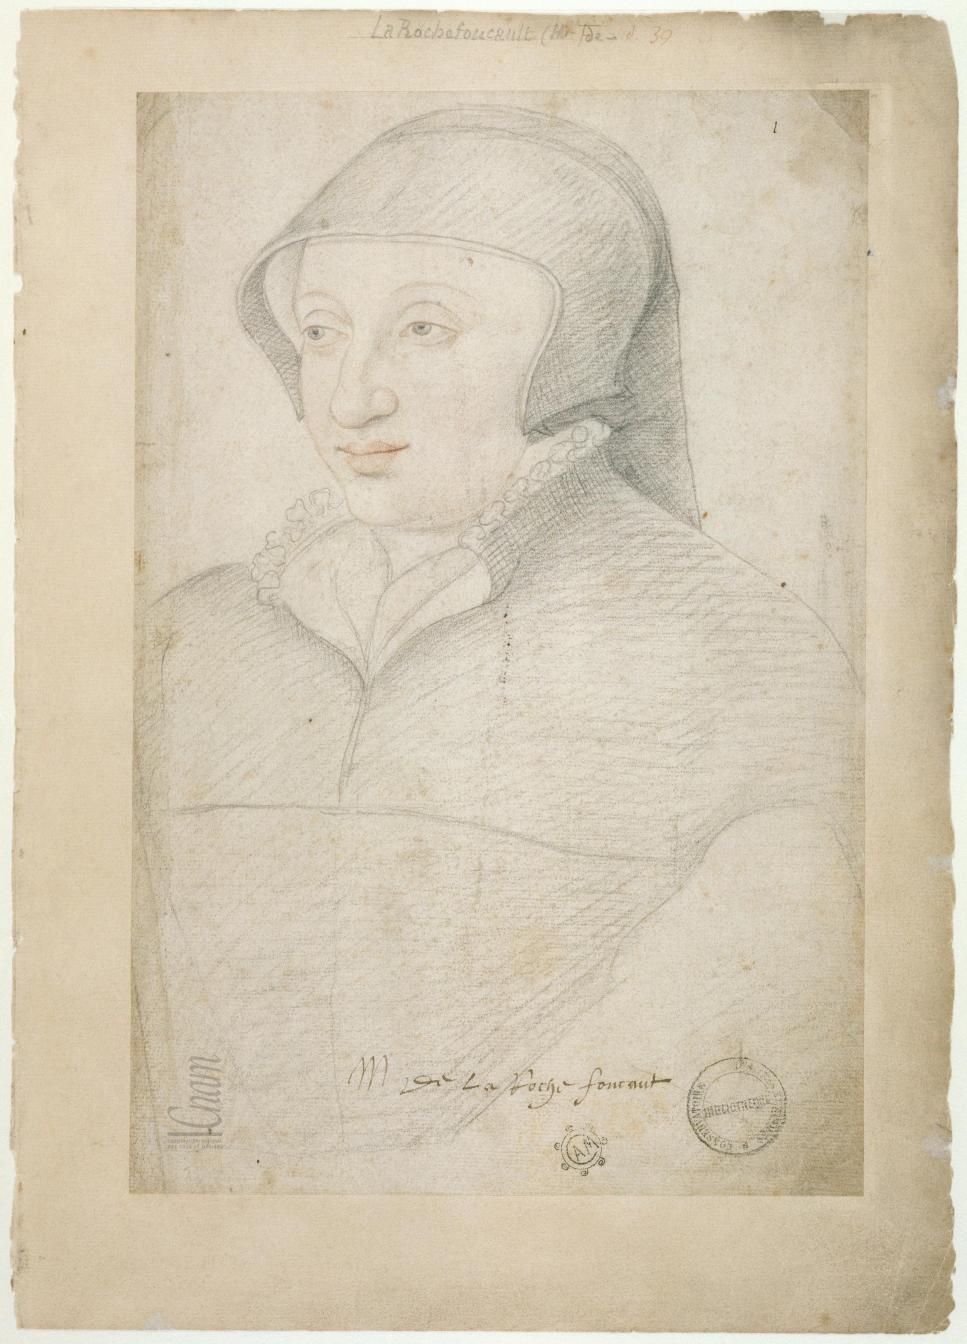 date unknown (subject died 1554) - Anne de Polignac, dame de La Rochefoucauld - from Le Recueil des Arts et Métiers